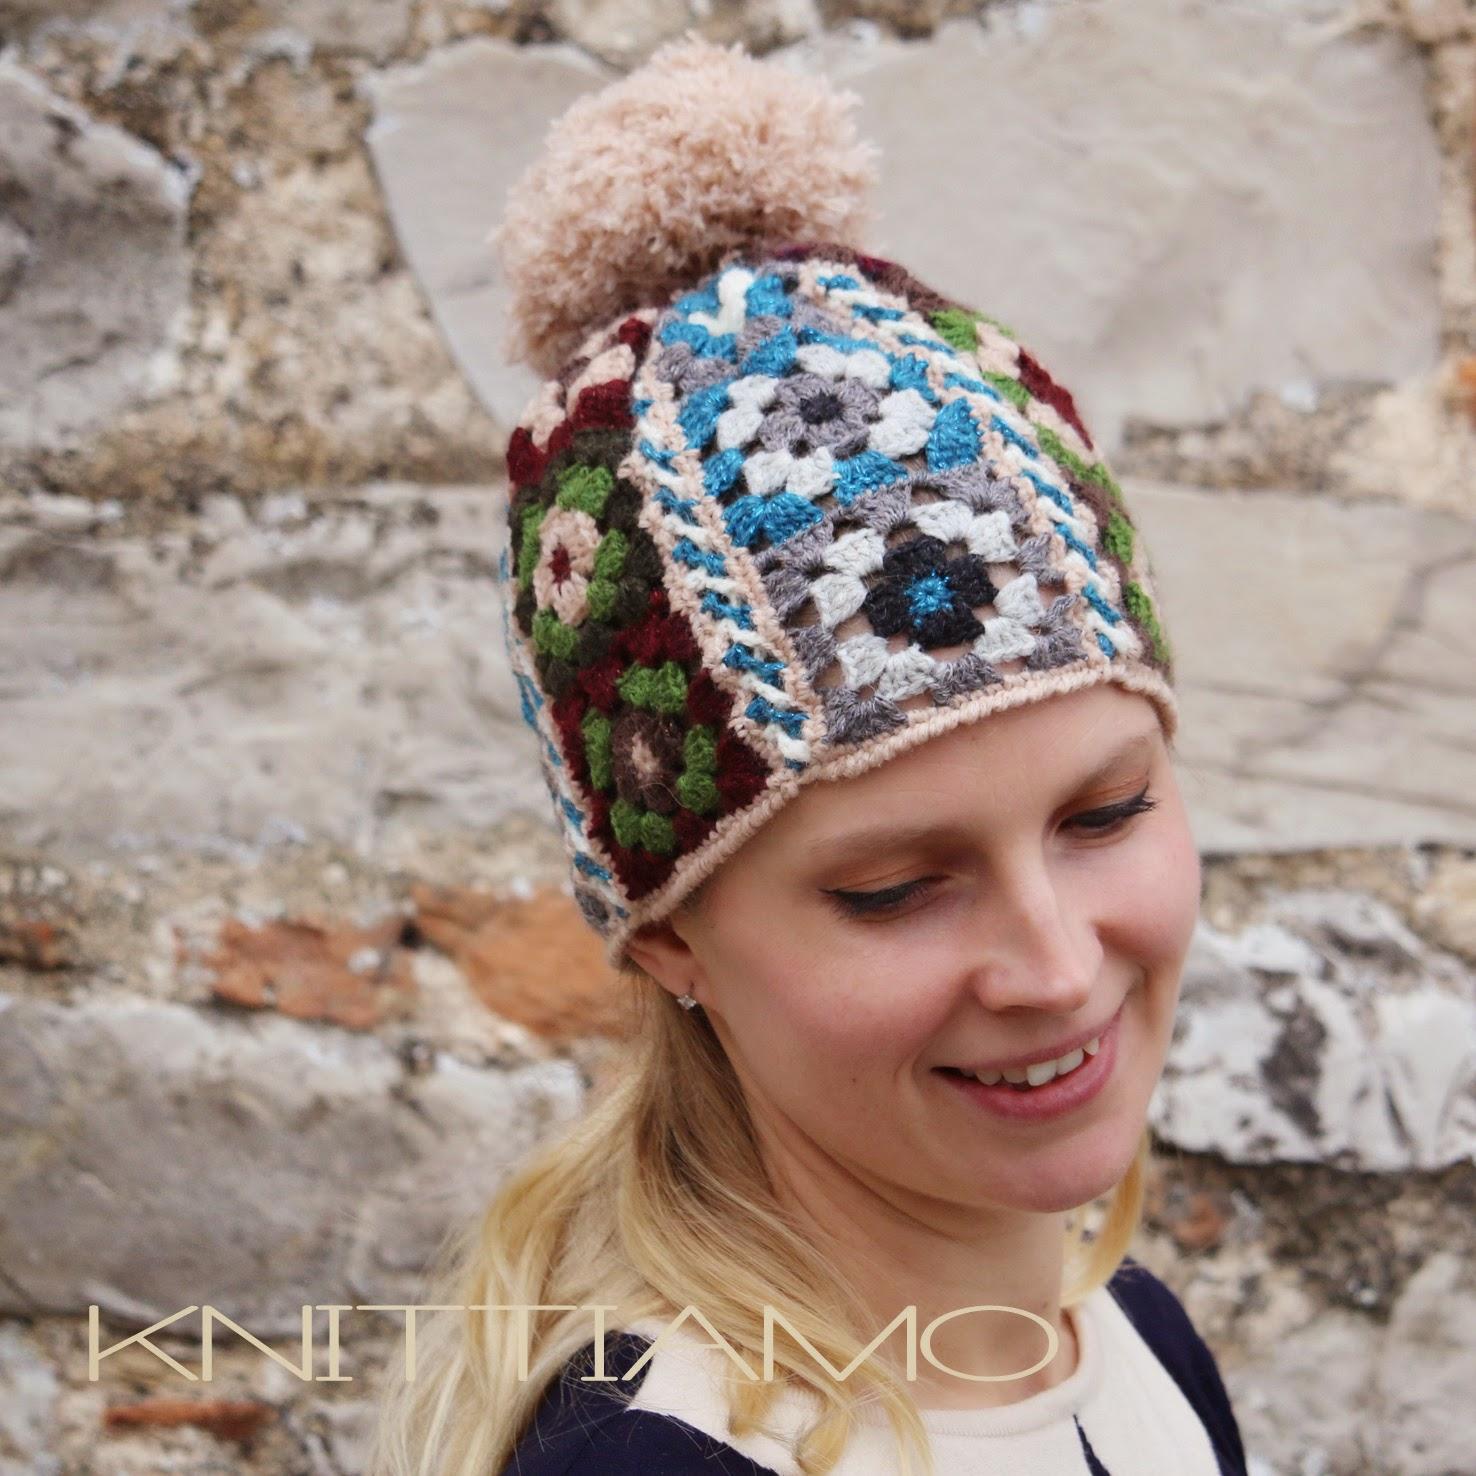 schema knittiamo cappello uncinetto